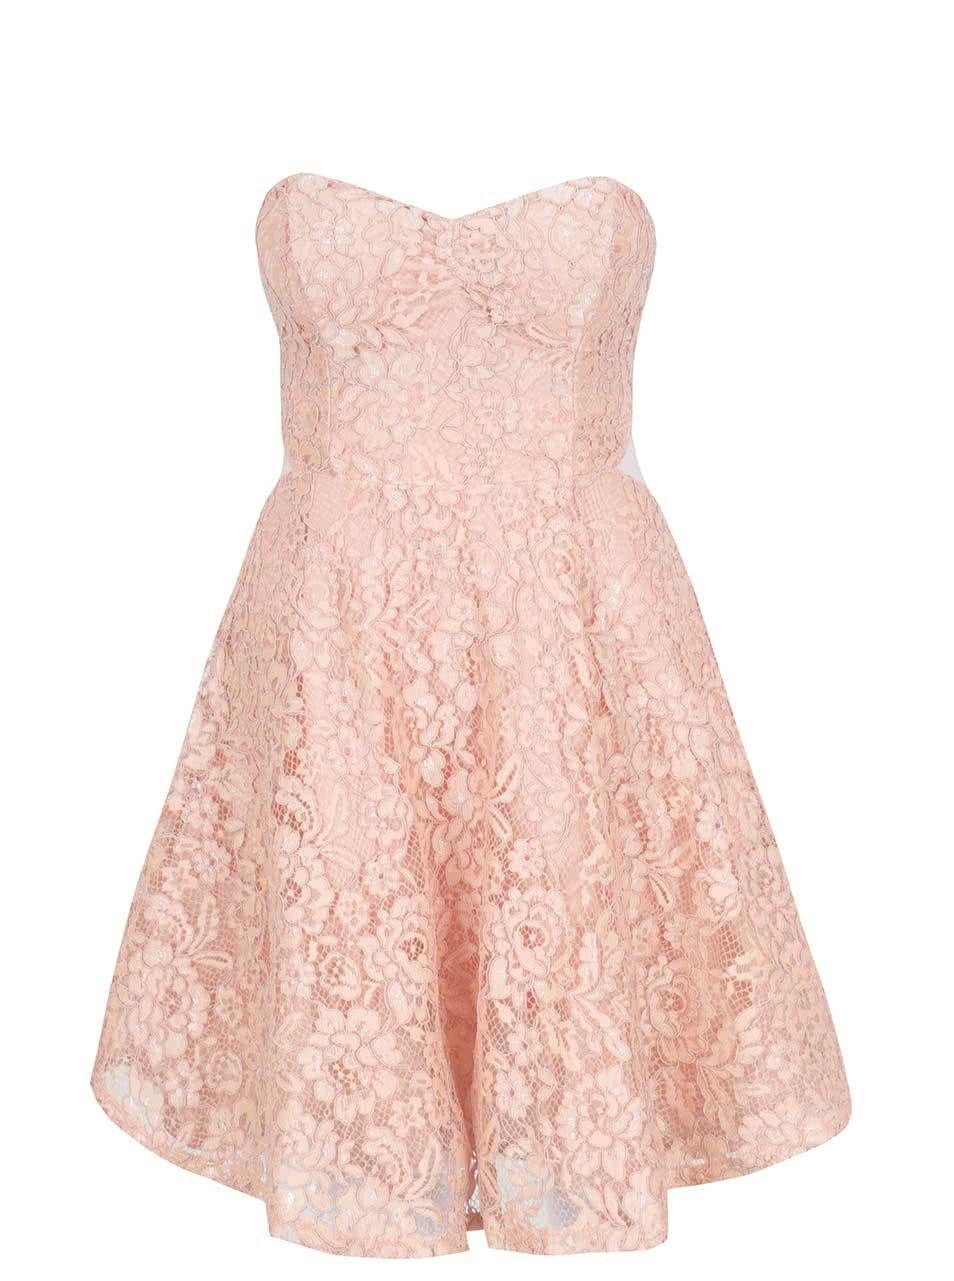 7f959dff5b5 Růžové krajkové šaty TALLY WEiJL ŽENY   Šaty   společenské šaty